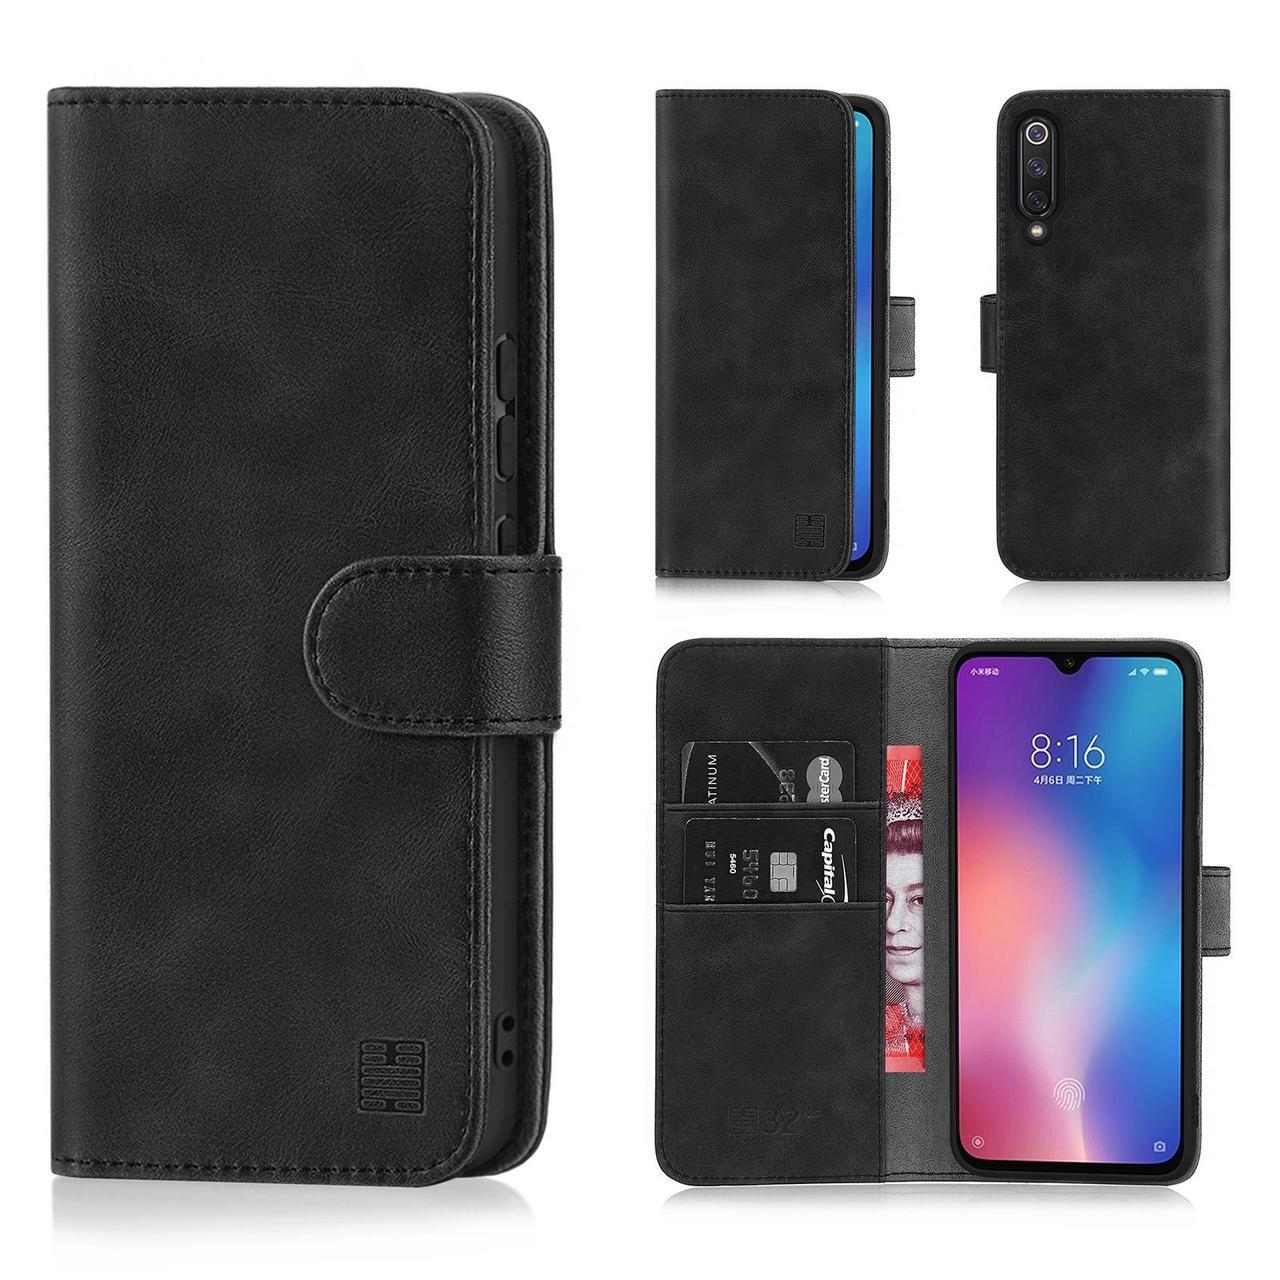 Capa Carteira Xiaomi Mi 9 / Se Preto + Pelicula Gel Limpeza Cartao Dinheiro Documento  - HARDFAST INFORMÁTICA